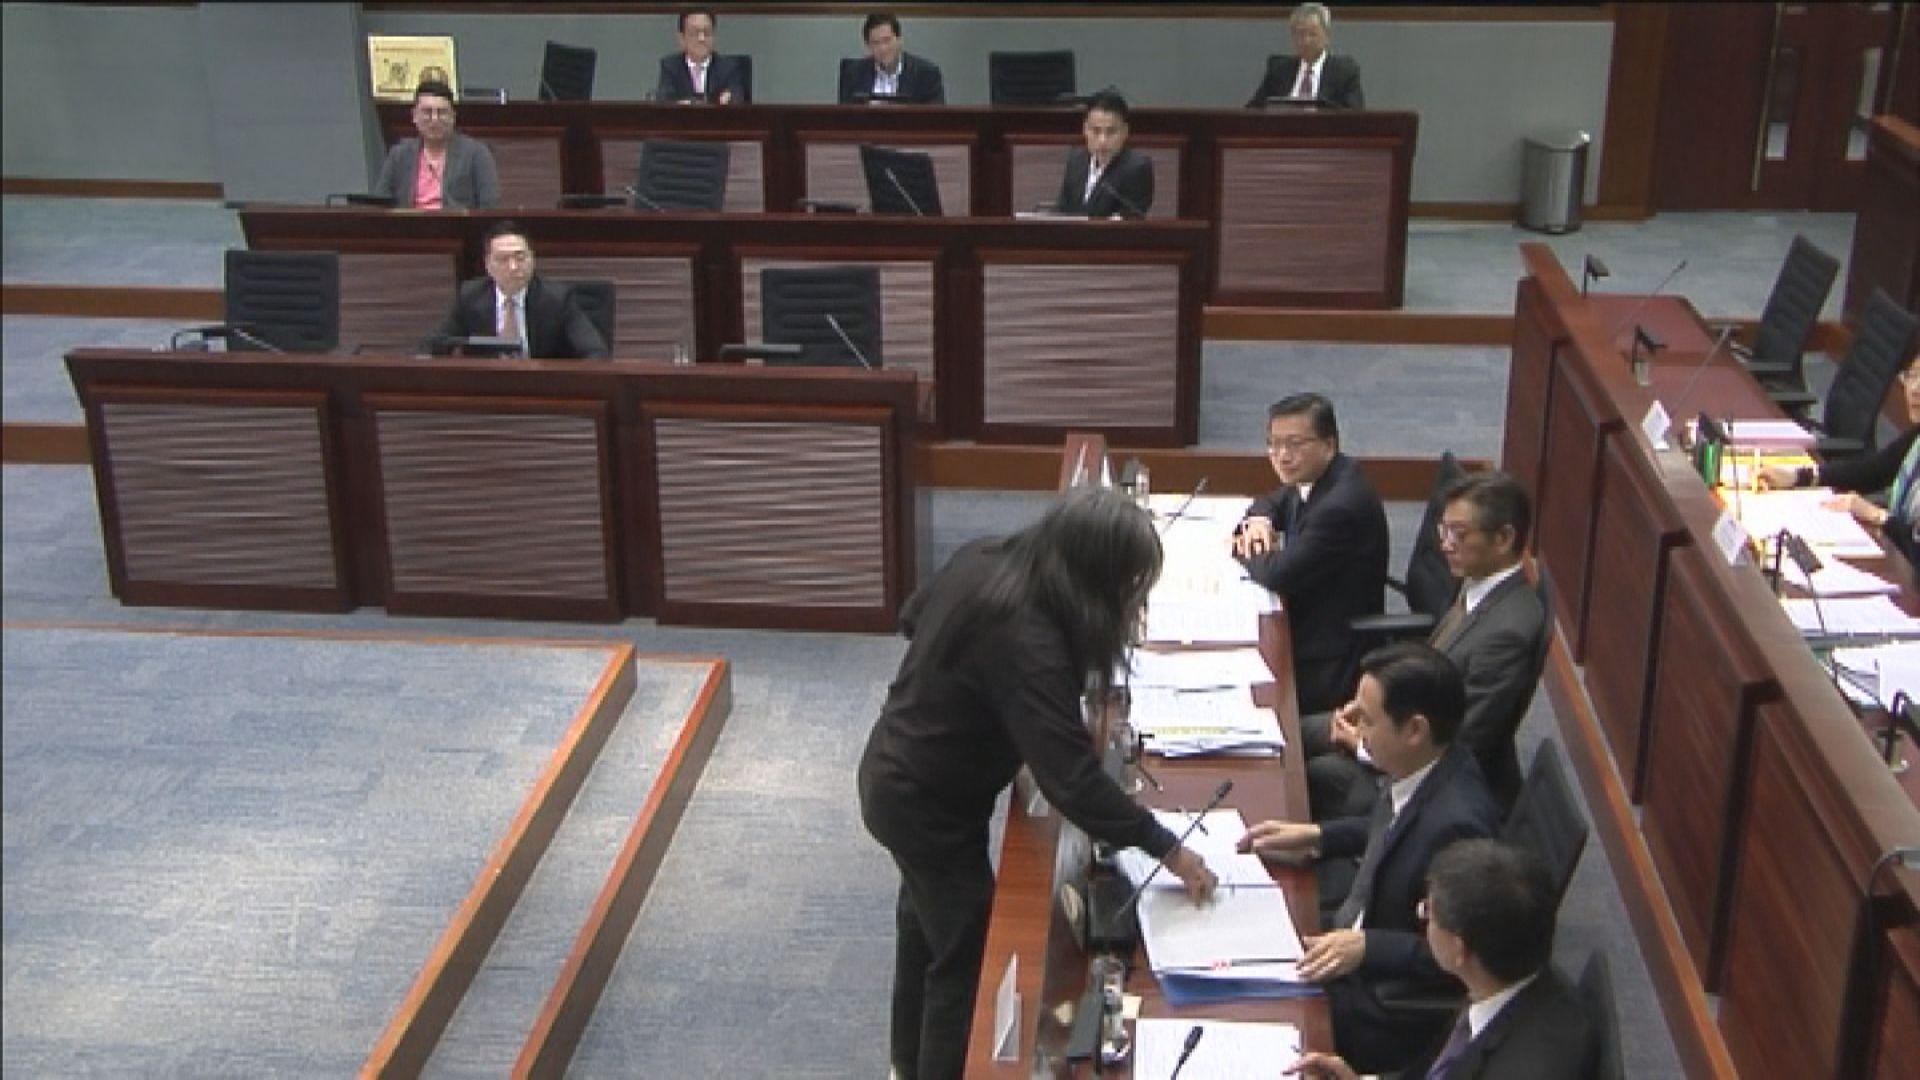 梁國雄搶文件案 高院拒批上訴許可